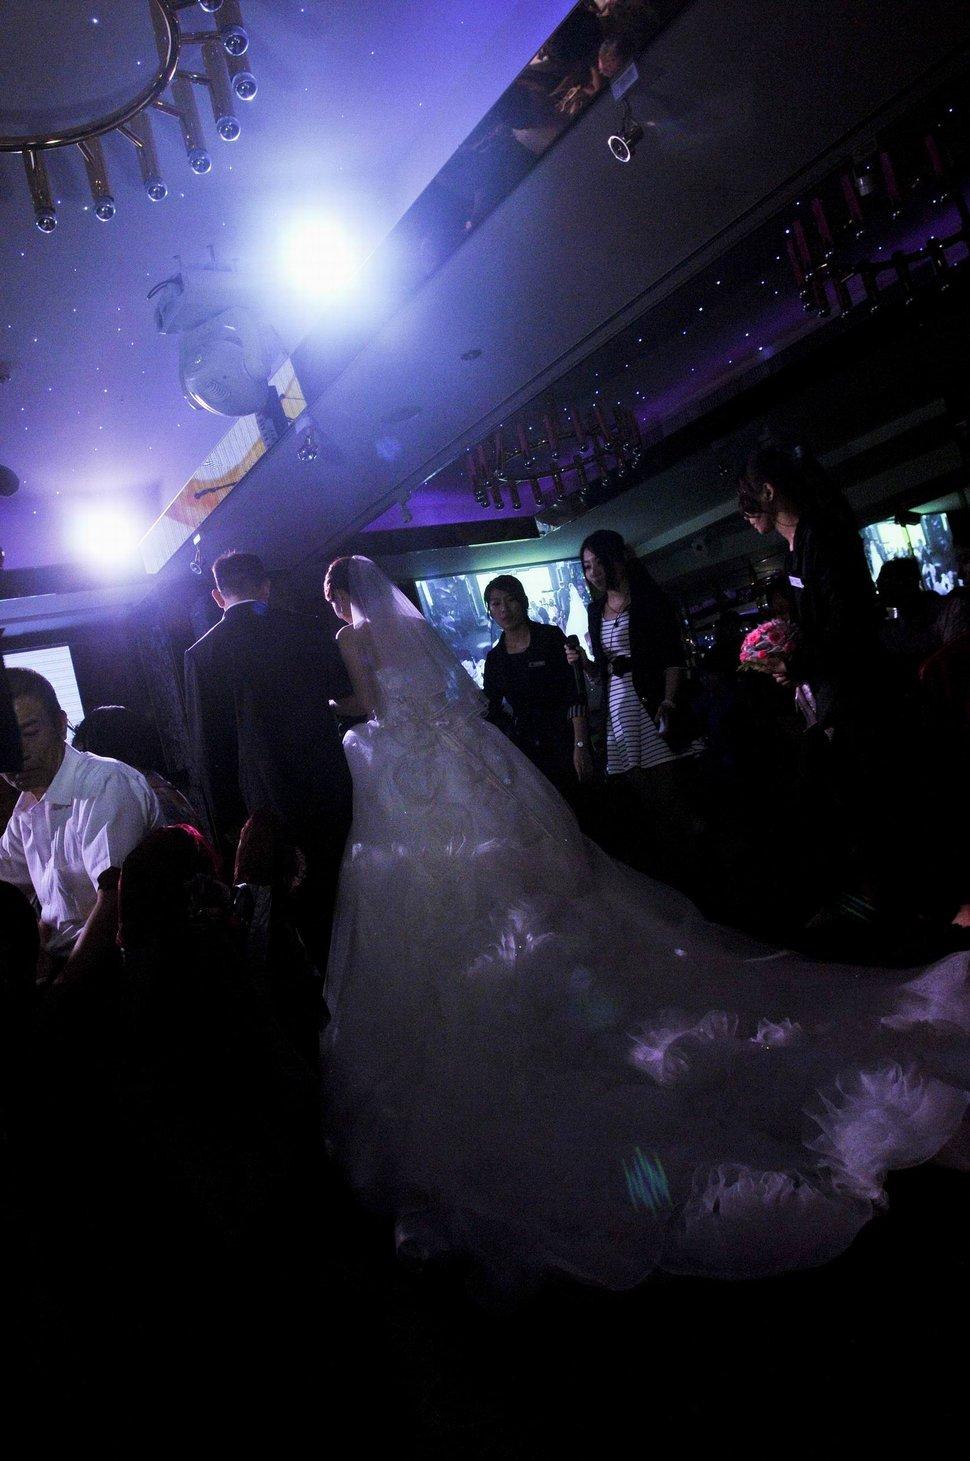 板橋吉立定結餐廳迎娶文定婚禮記錄結婚迎娶婚禮攝影動態微電影錄影專業錄影平面攝影影婚禮主持人(編號:197132) - 蜜月拍照10800錄影12800攝影團隊 - 結婚吧